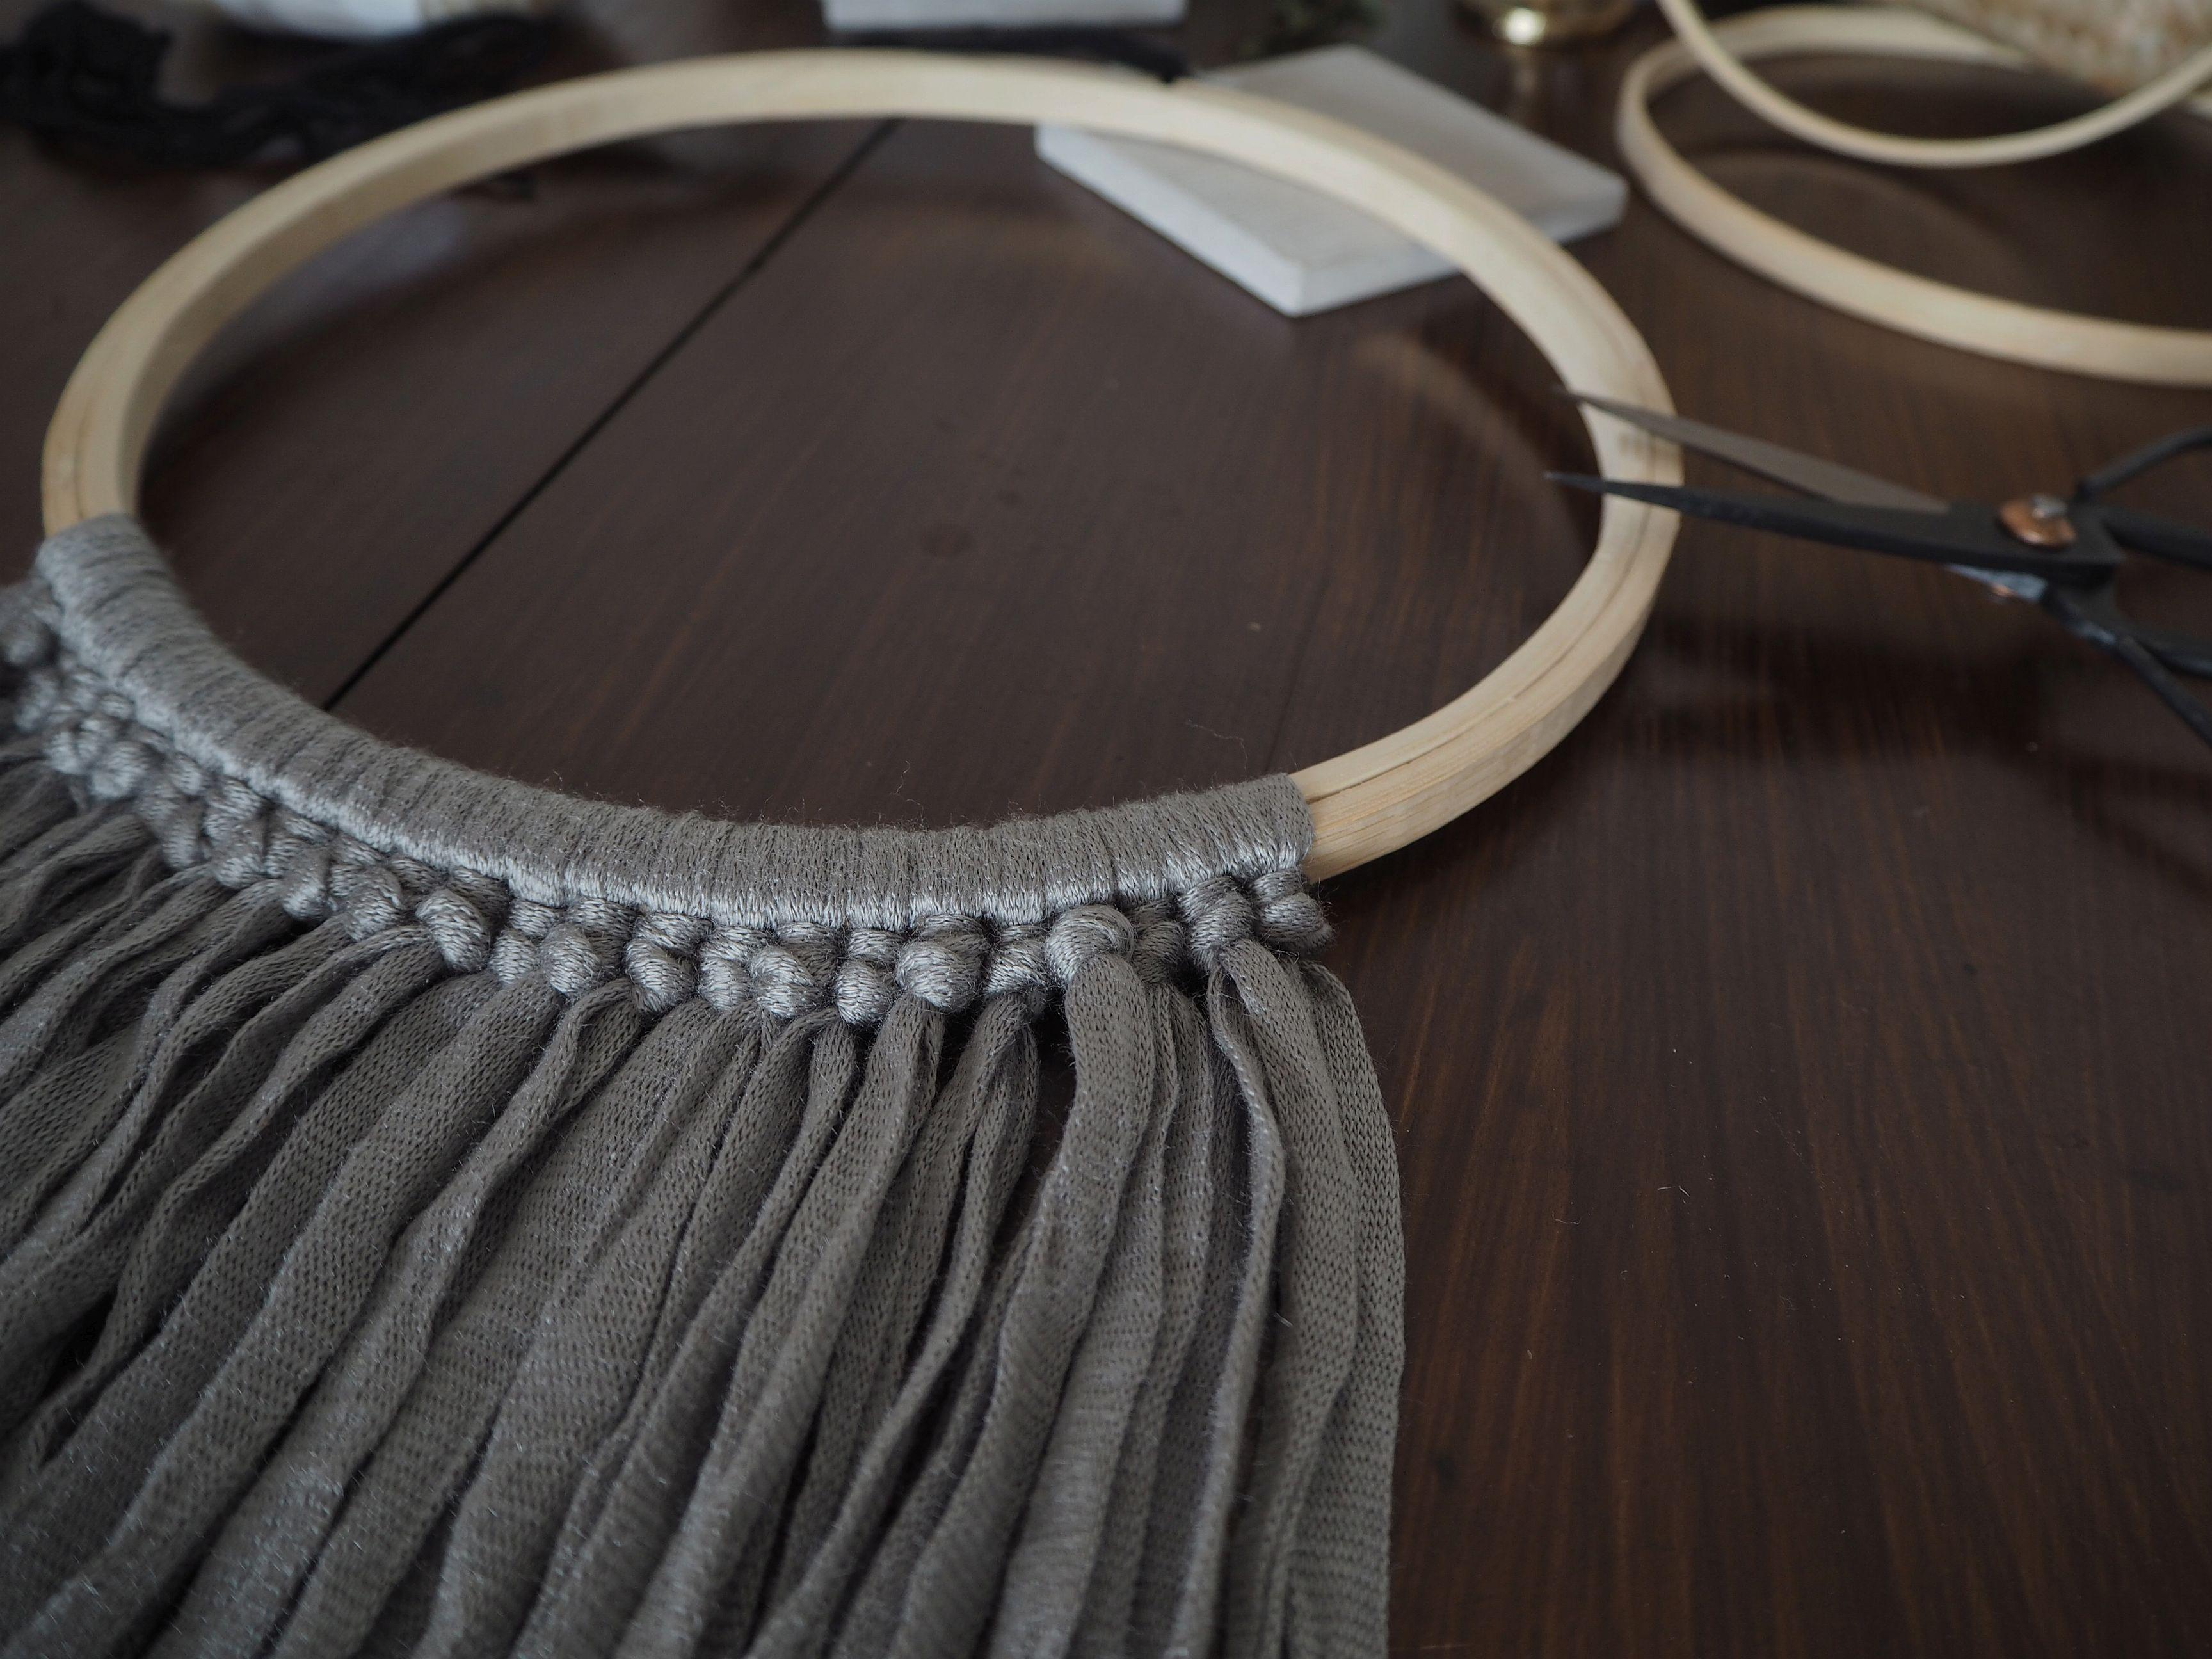 2018-01-skoen-och-kreativ-diy-interior-deko-wand-objekt-wall-hanging-skandi-stil (16)